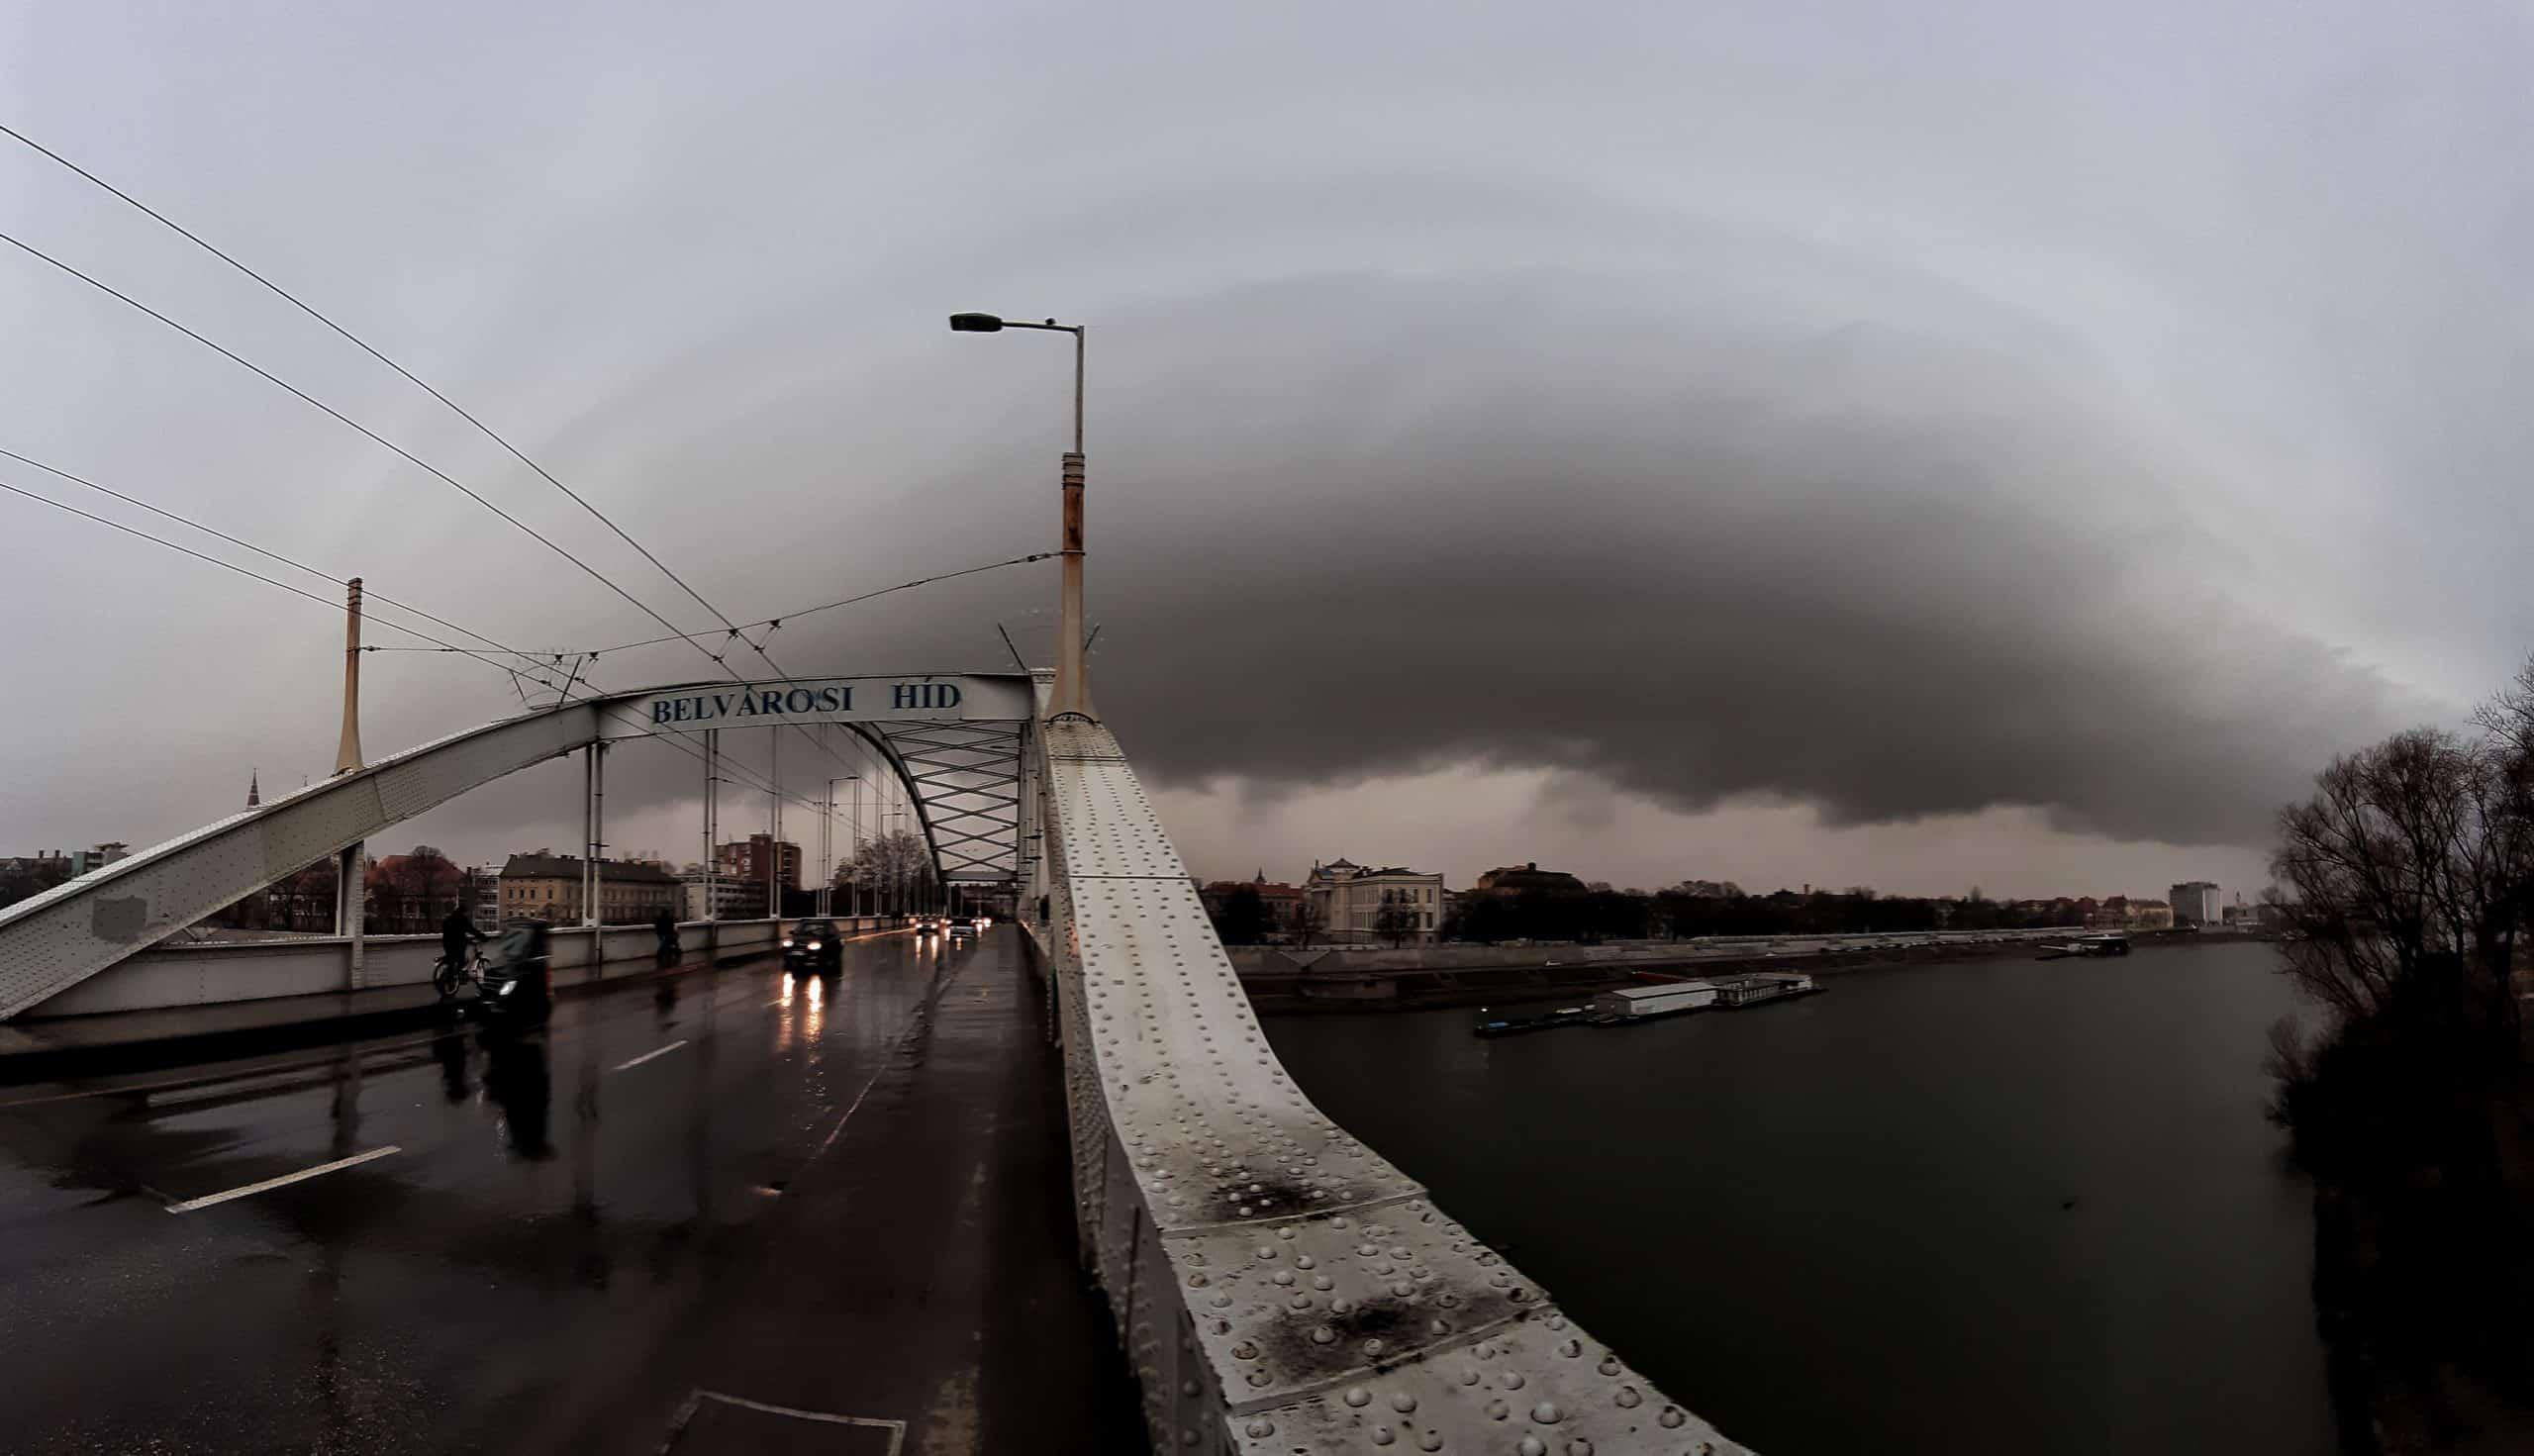 Peremfelhővel és felhőszakadással érkezett a front Szegedre!(képek, videó) 6